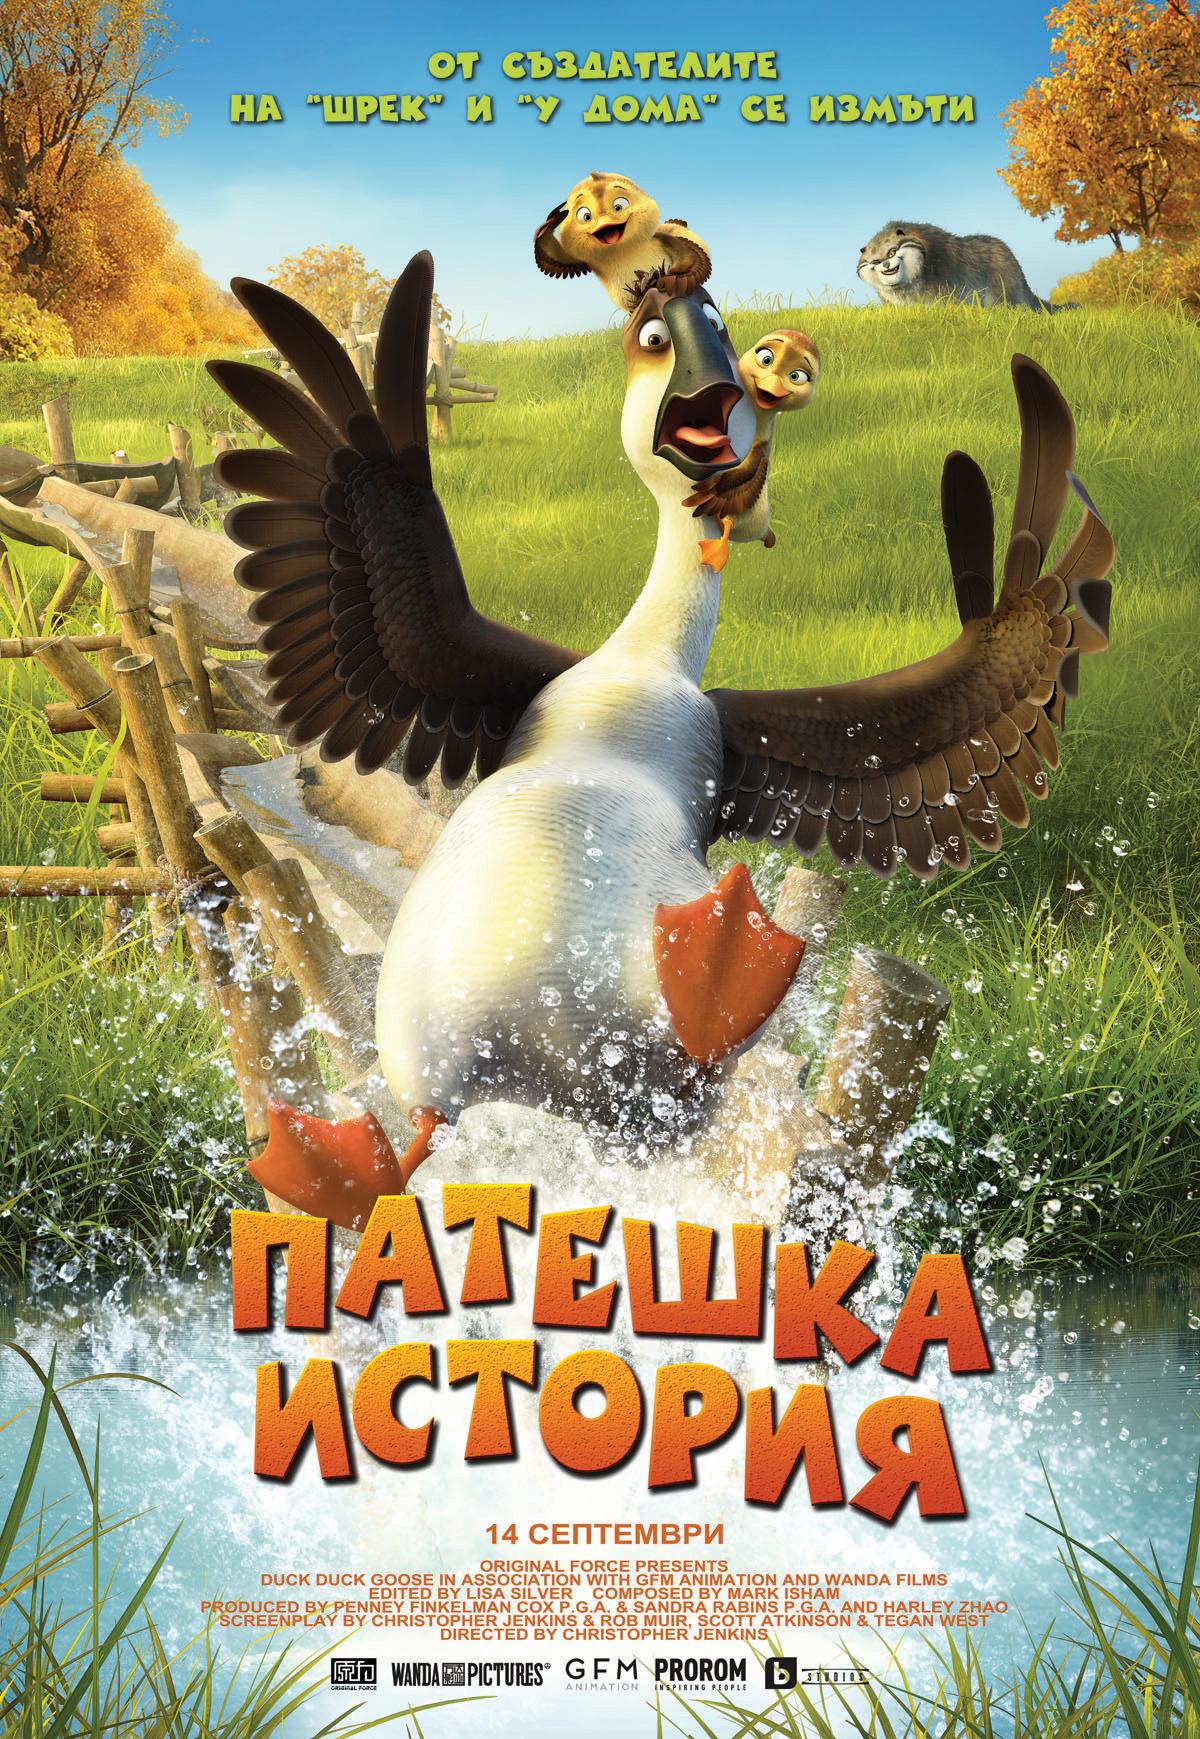 Duck Duck Goose / Патешка история (2018)